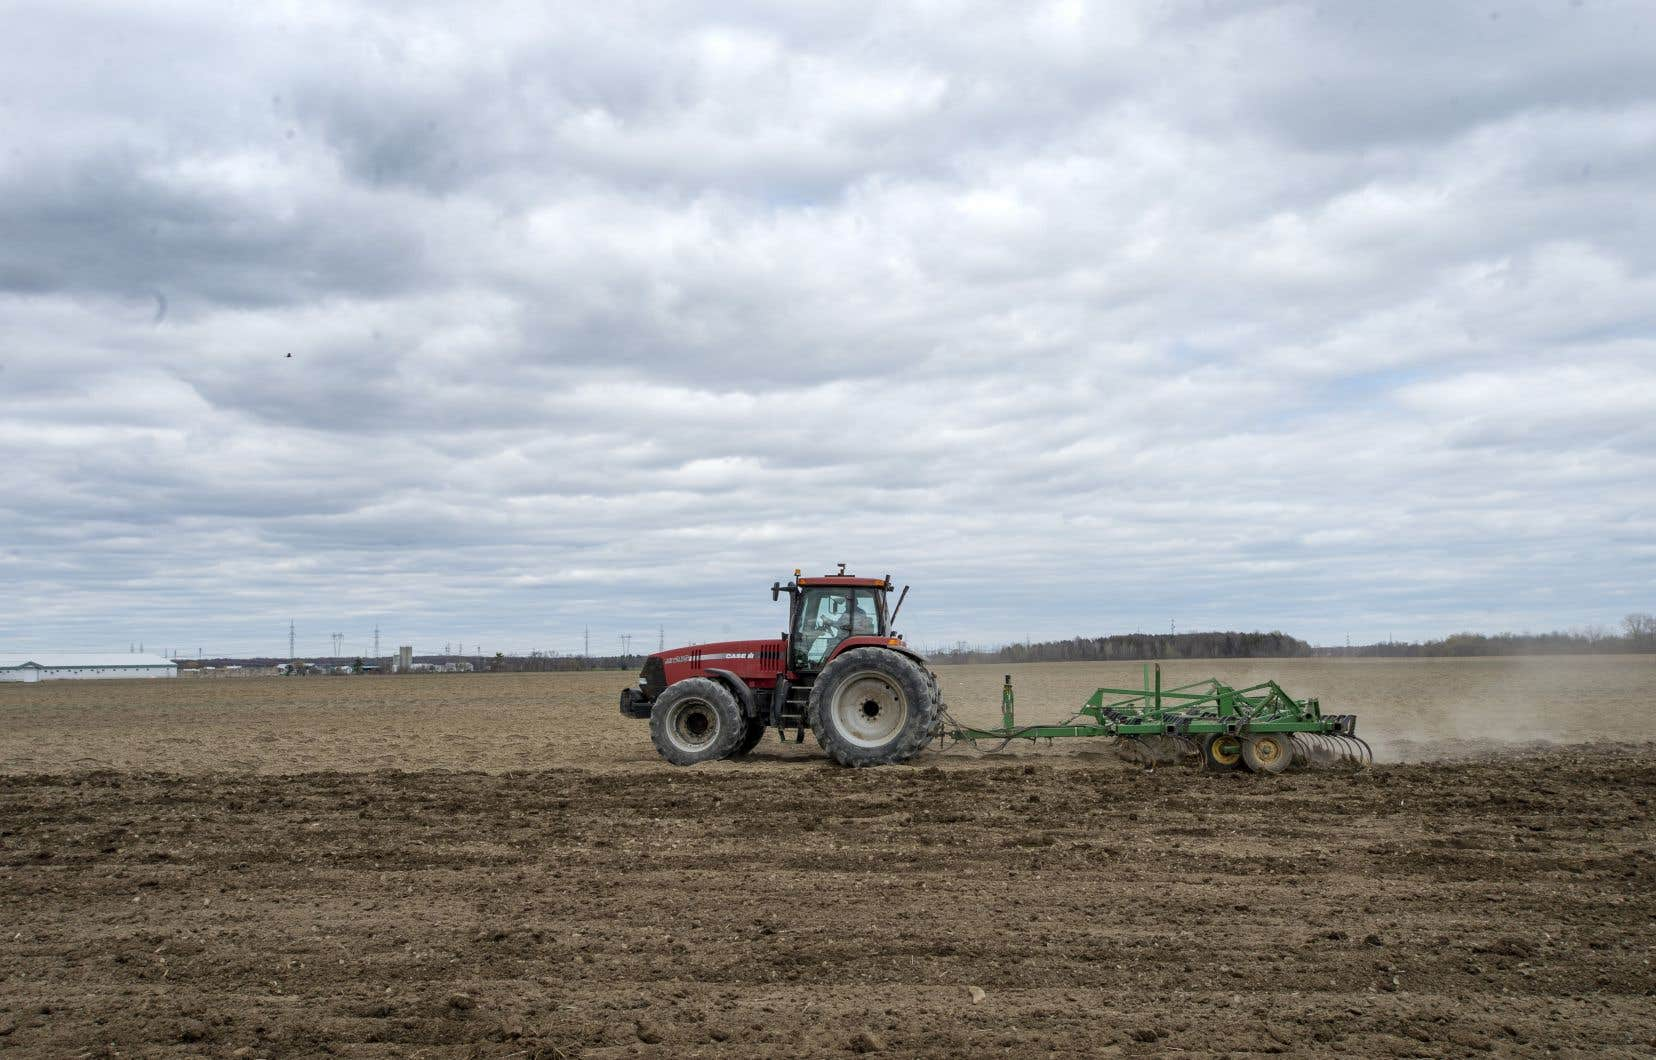 «Le secteur agroalimentaire représente une source tant d'emplois que de création de richesse», écrit l'auteur.